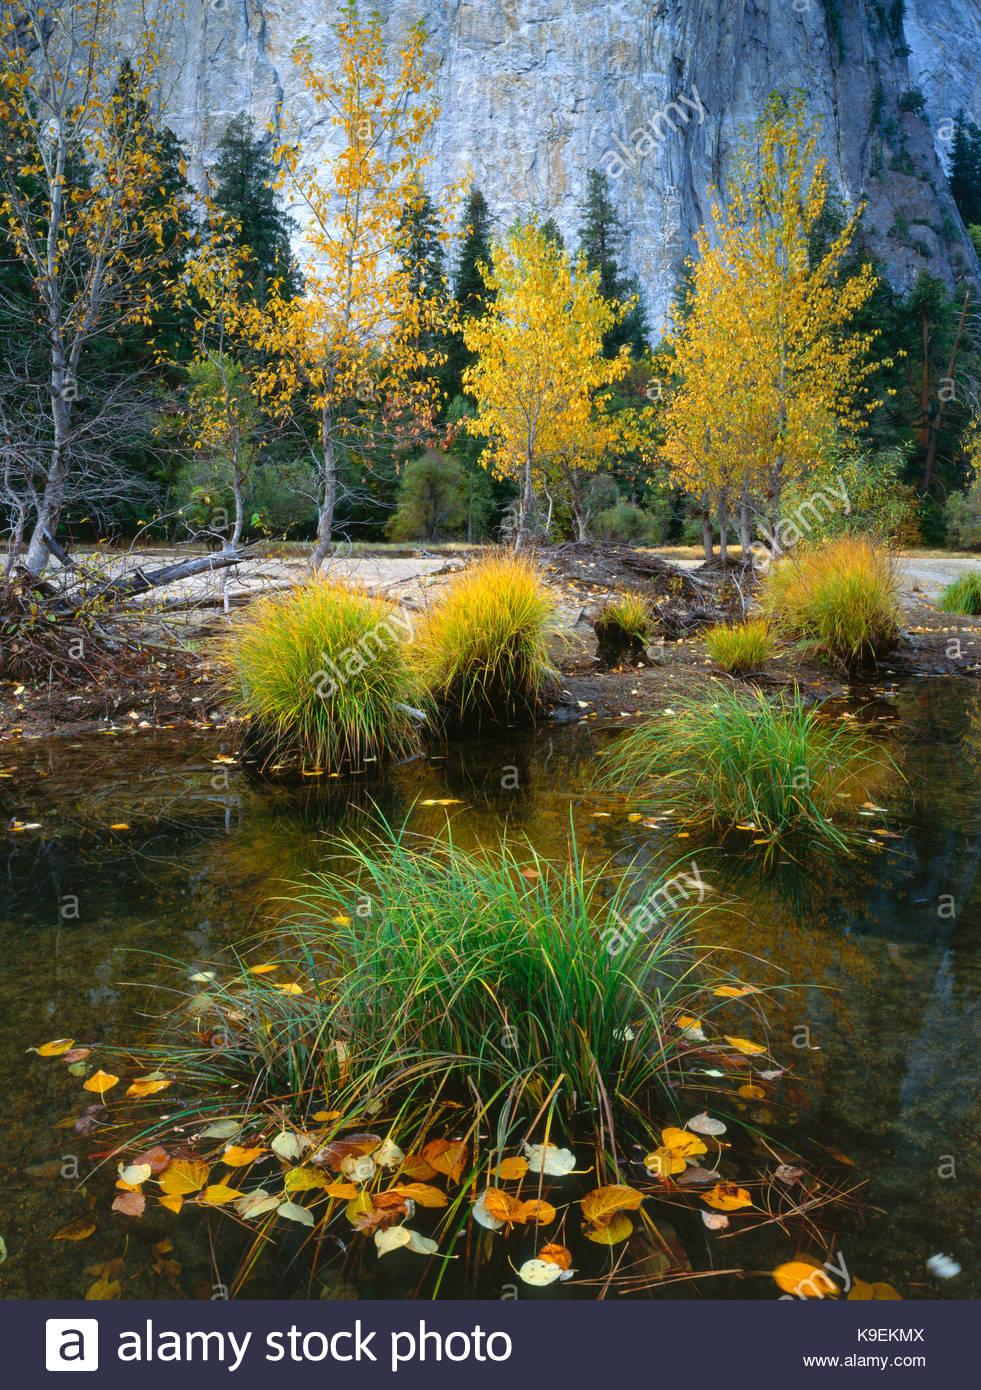 Les herbes et les feuilles d'automne dans la rivière Merced, Yosemite National Park, Californie Photo Stock